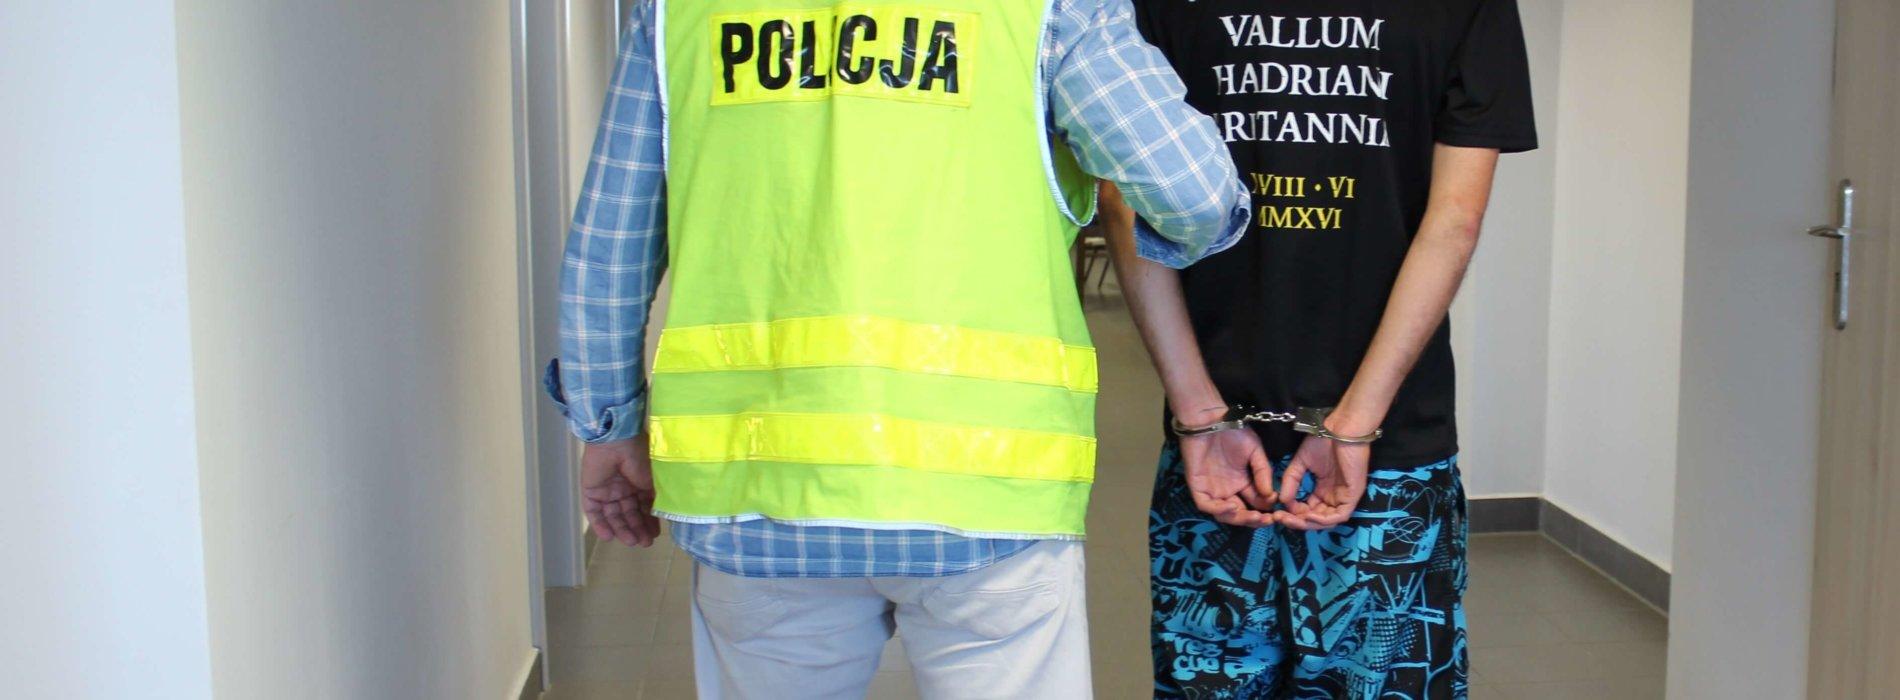 WŁAMYWACZ W RĘKACH PIOTRKOWSKICH POLICJANTÓW